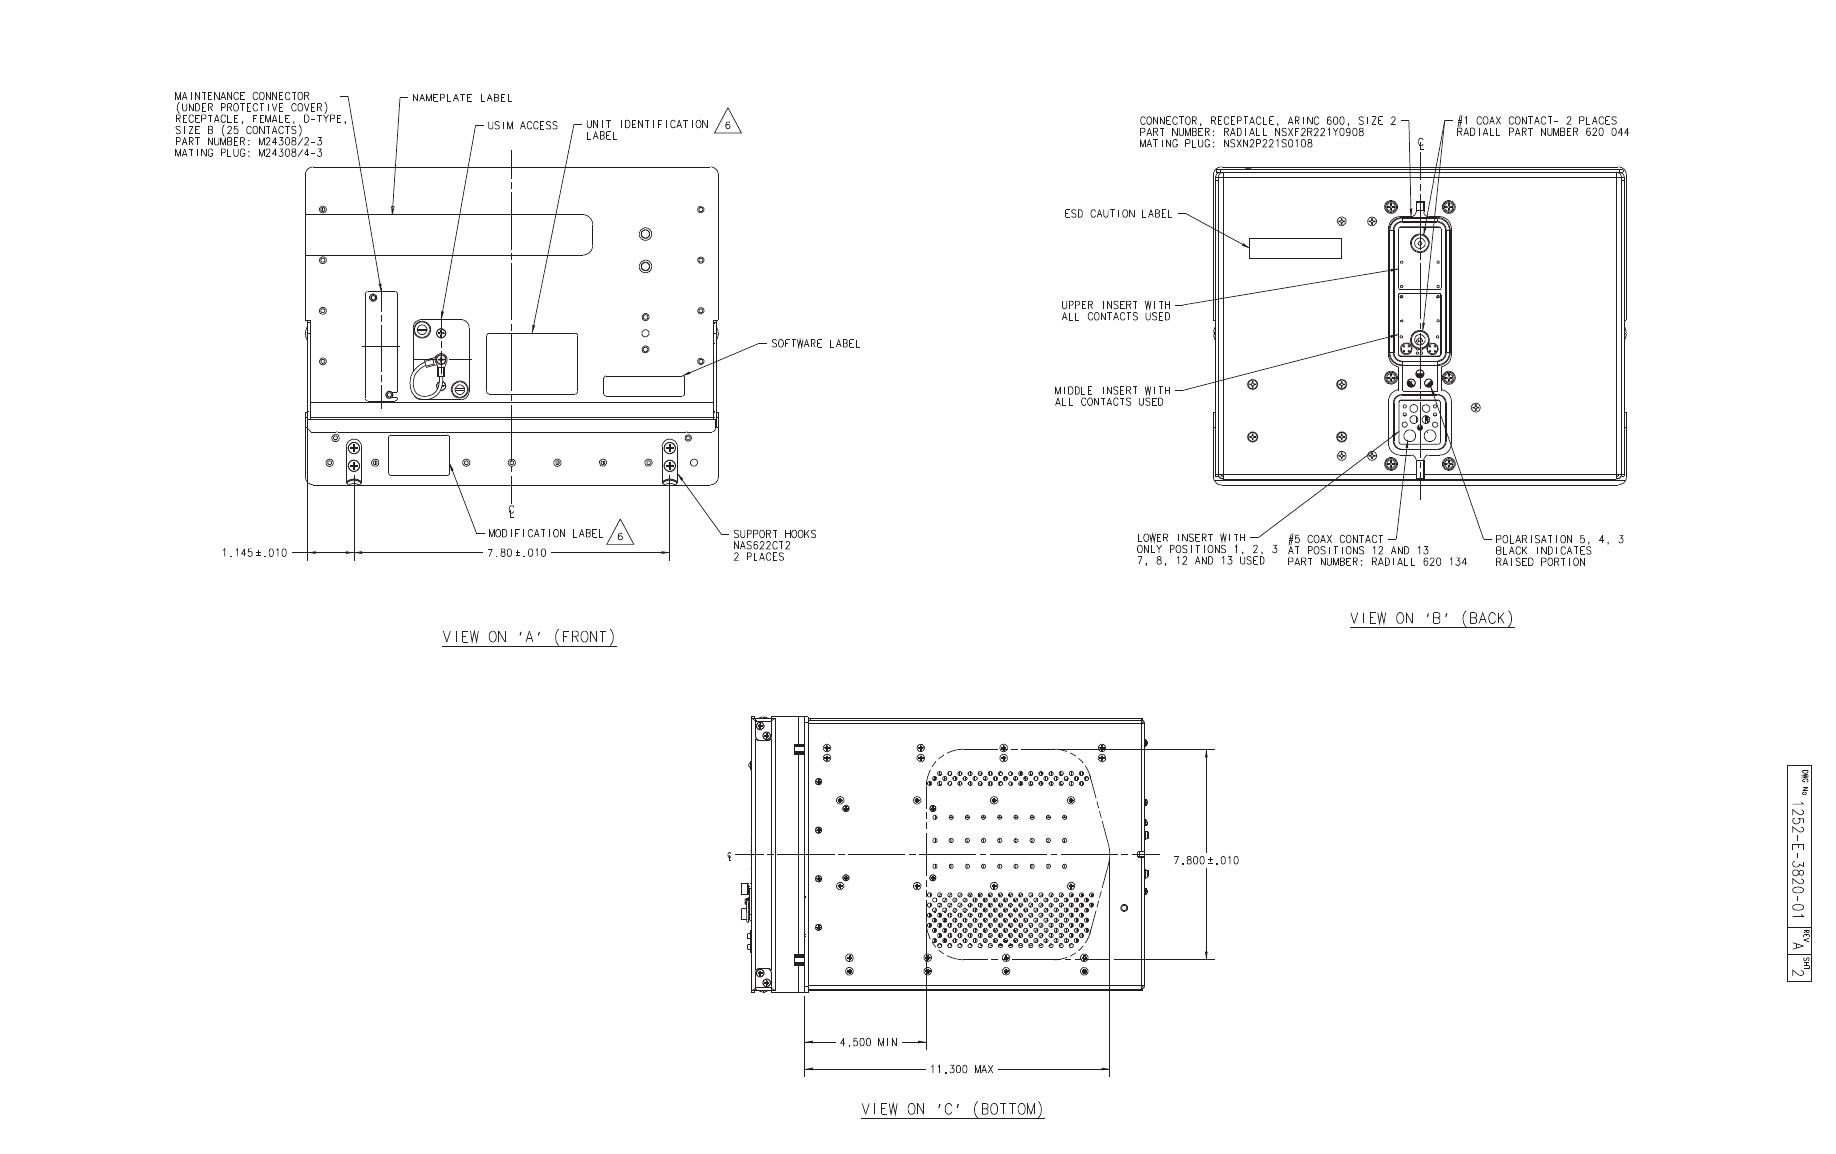 EMS Technologies Canada HSD-MK2 Satcom Transeiver User